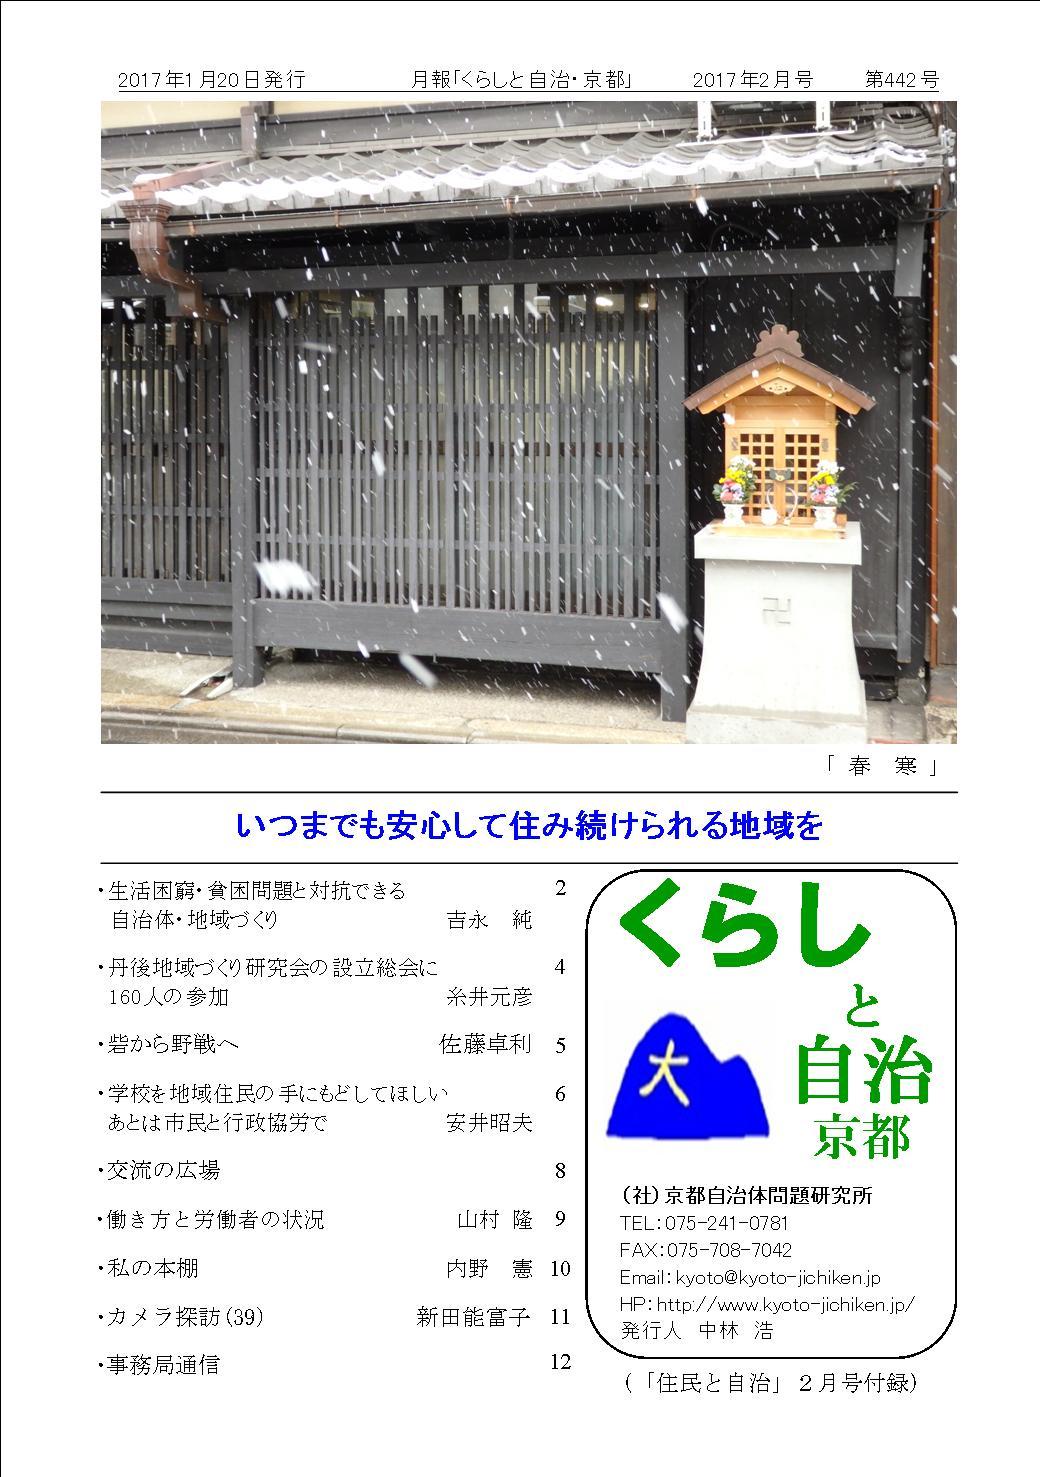 月報「くらしと自治・京都」2015年02月号 第442号